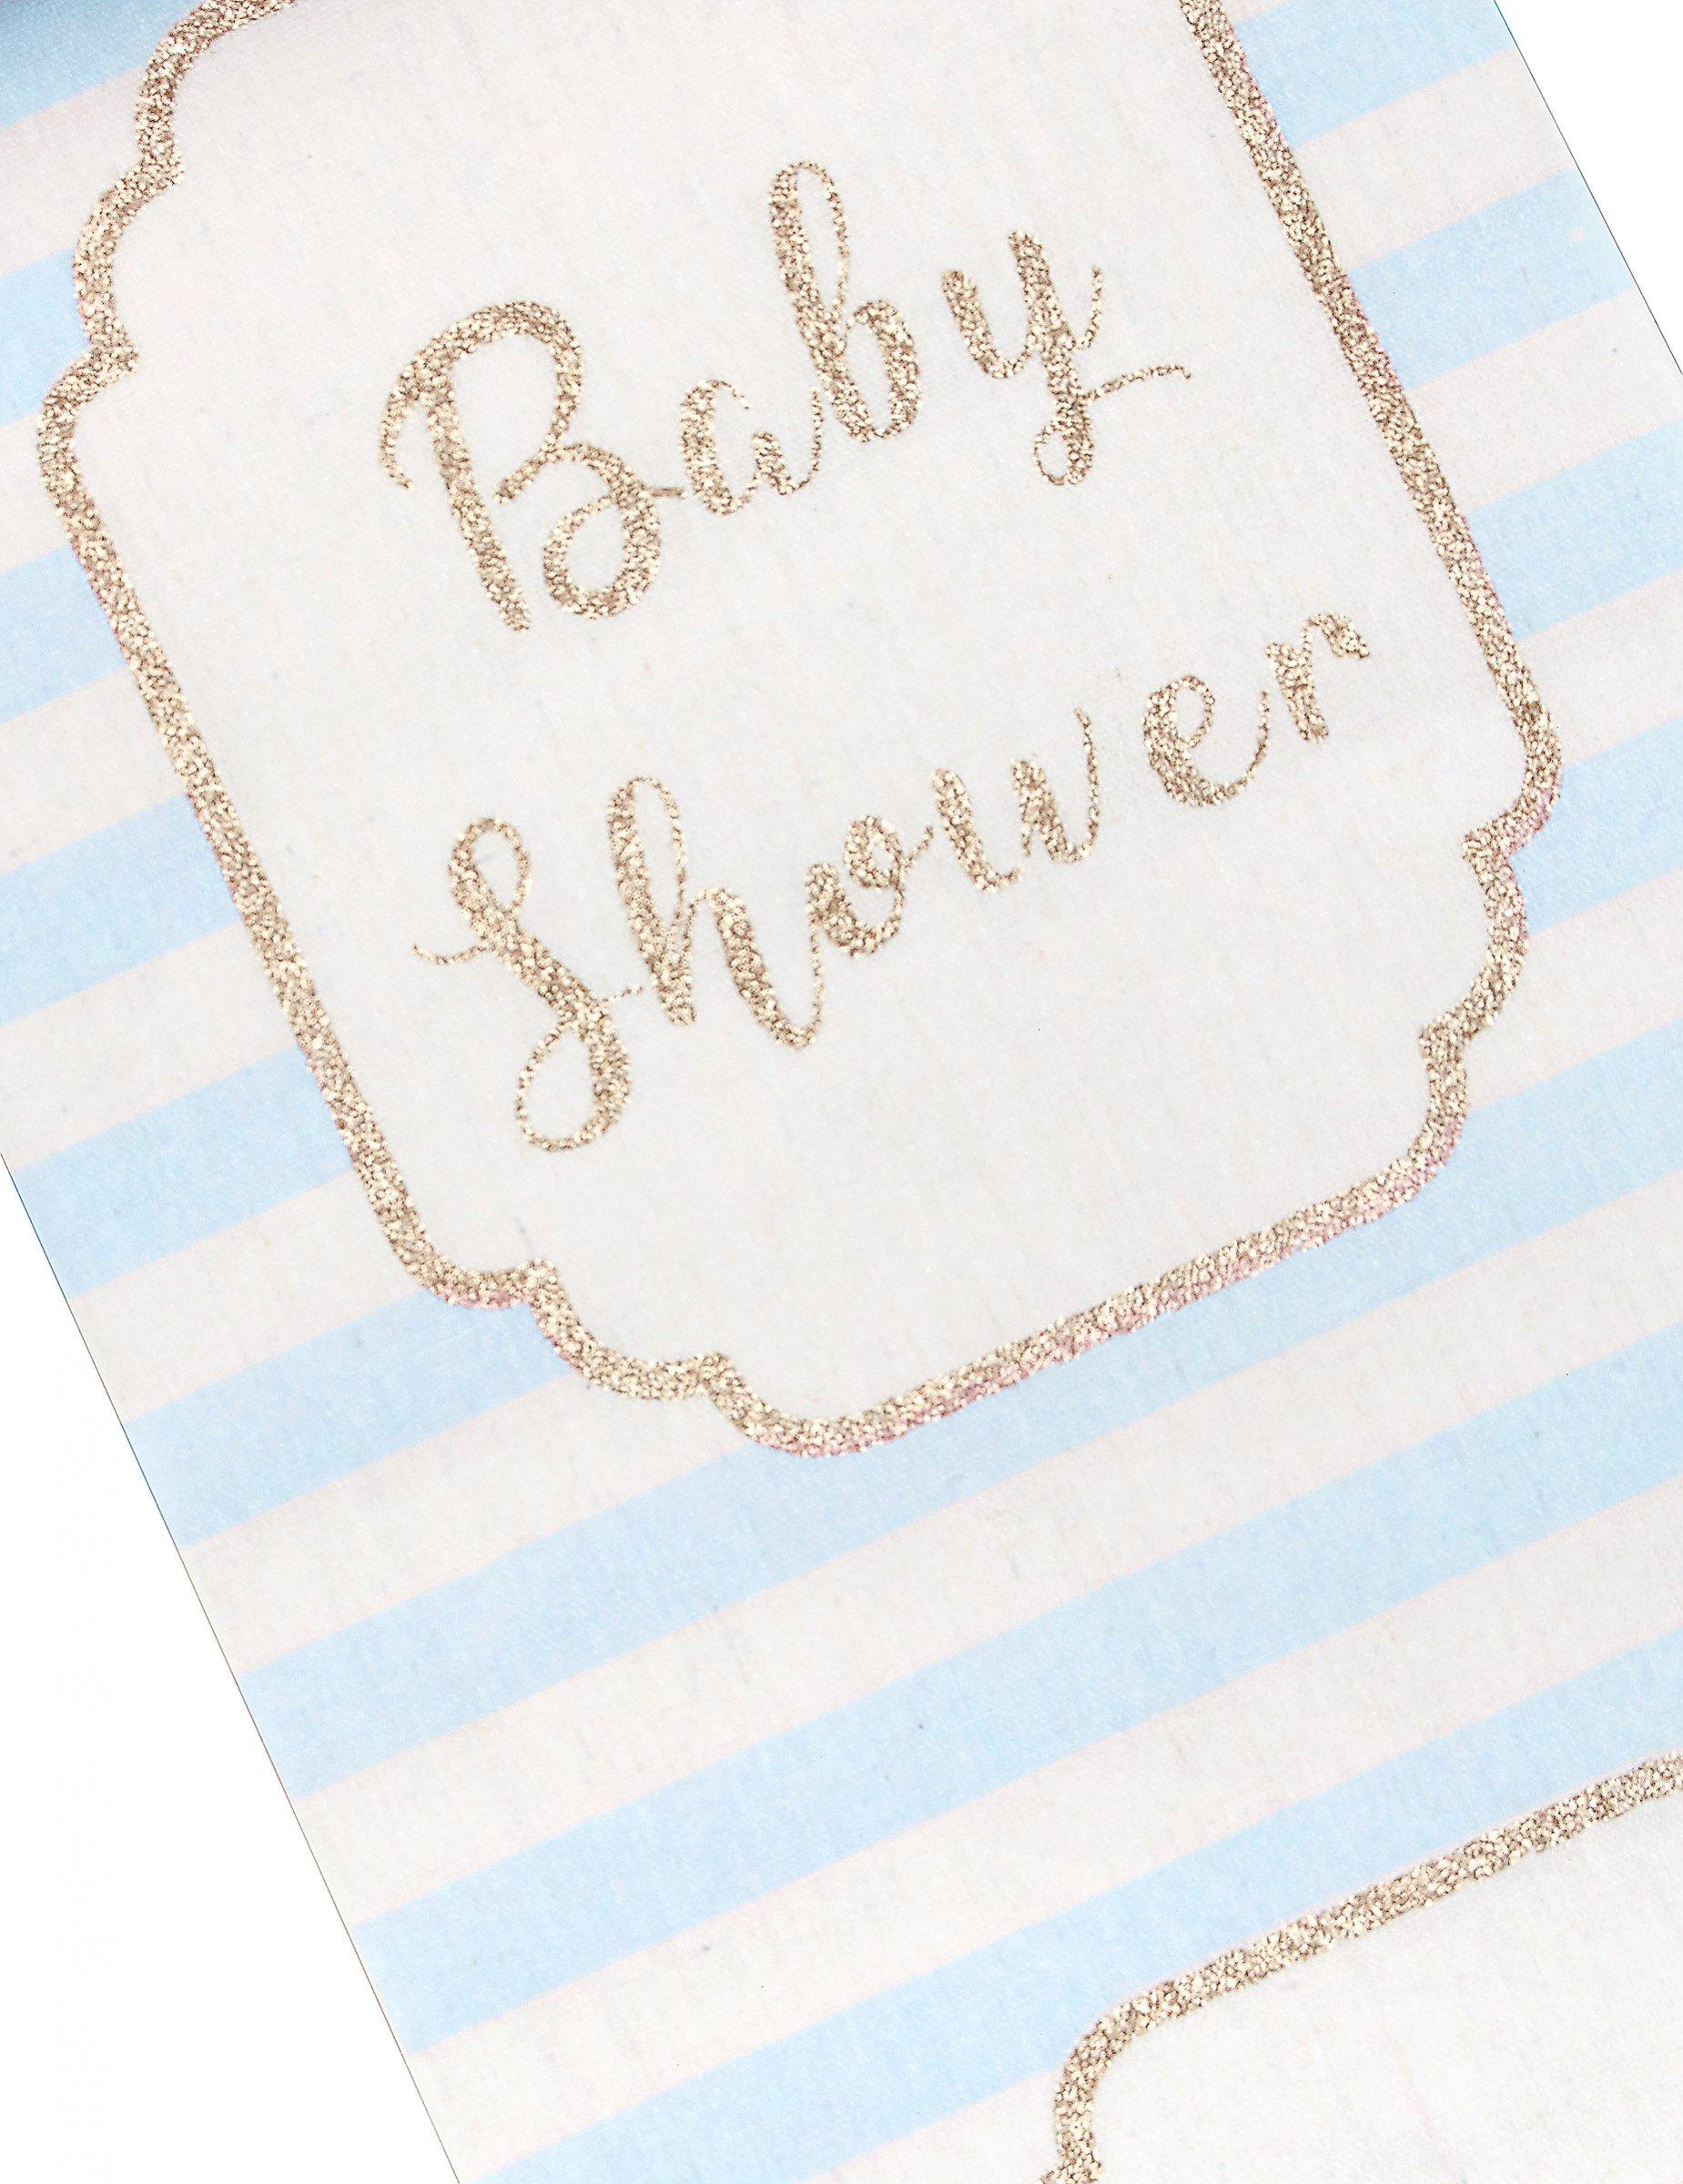 chemin de table en lin baby shower bleu 28 cm x 5 m d coration anniversaire et f tes th me. Black Bedroom Furniture Sets. Home Design Ideas